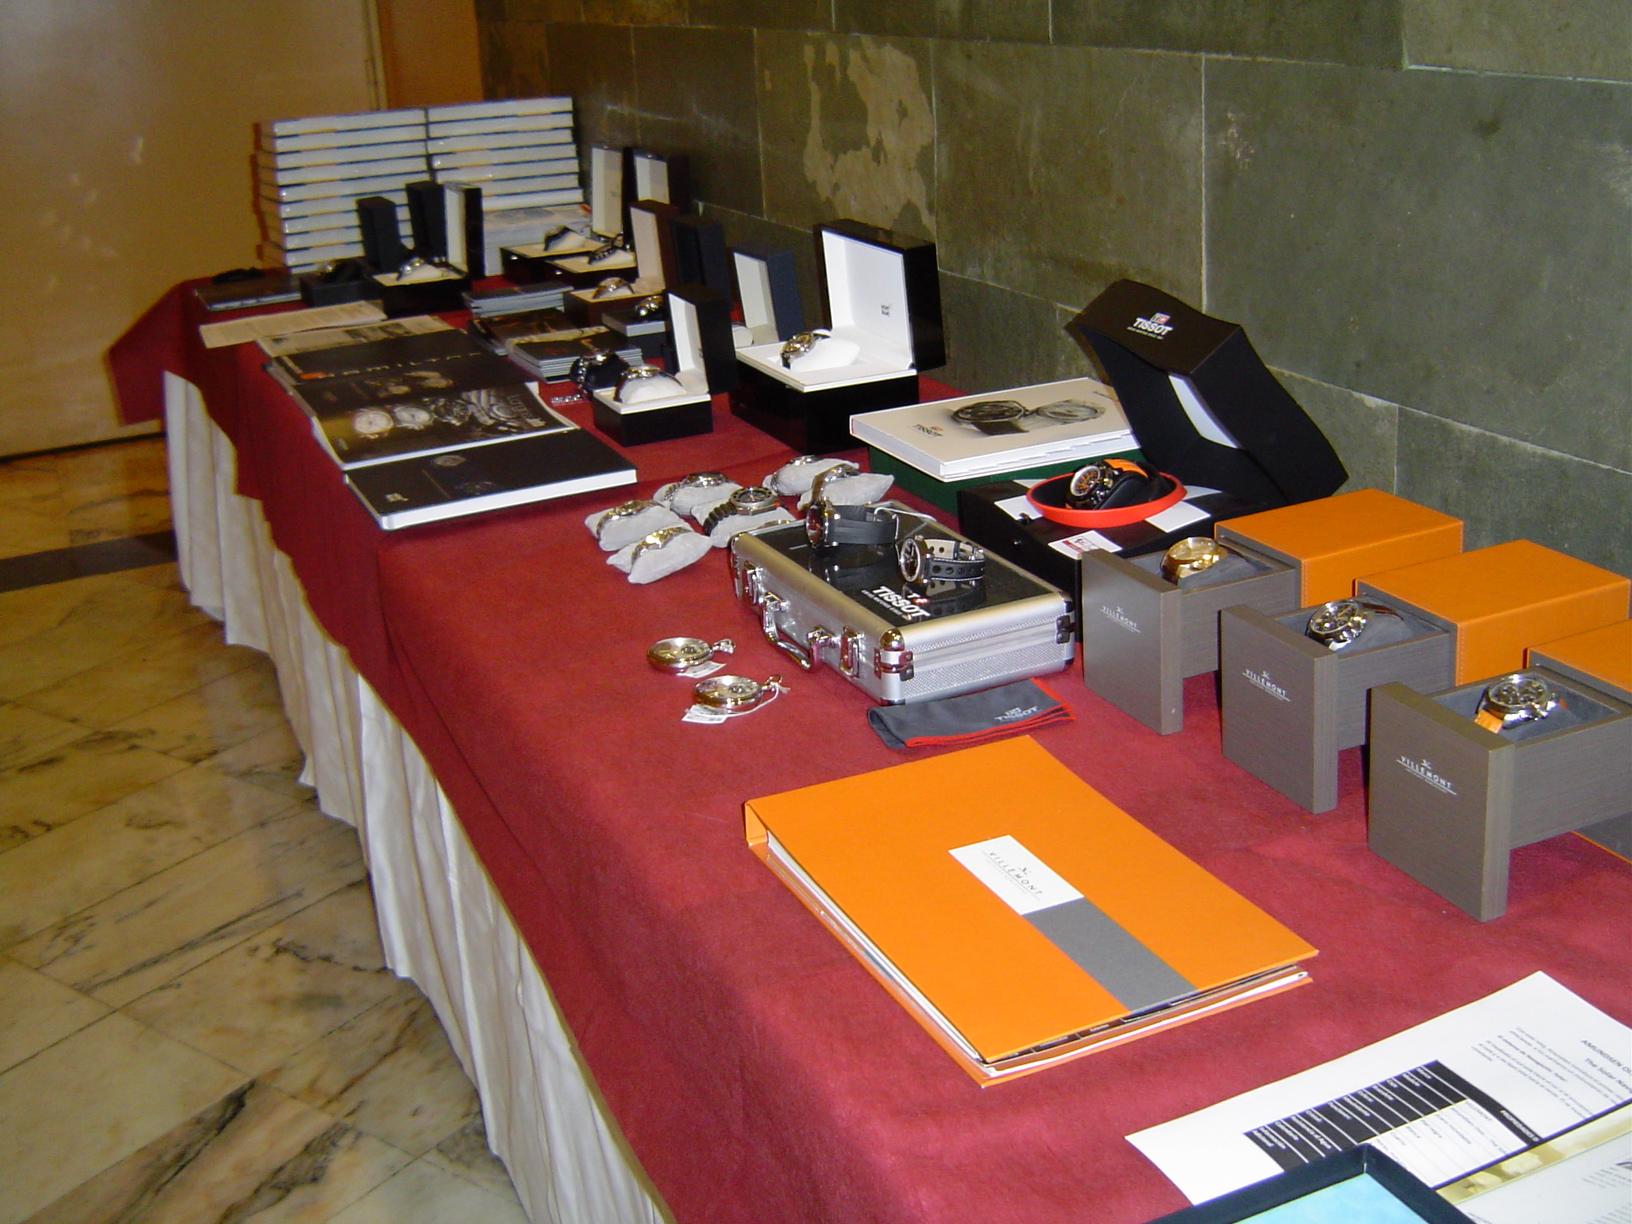 EspecialesJoyería Larrabe Relojes Relojes EspecialesJoyería Relojes Larrabe PZuXik